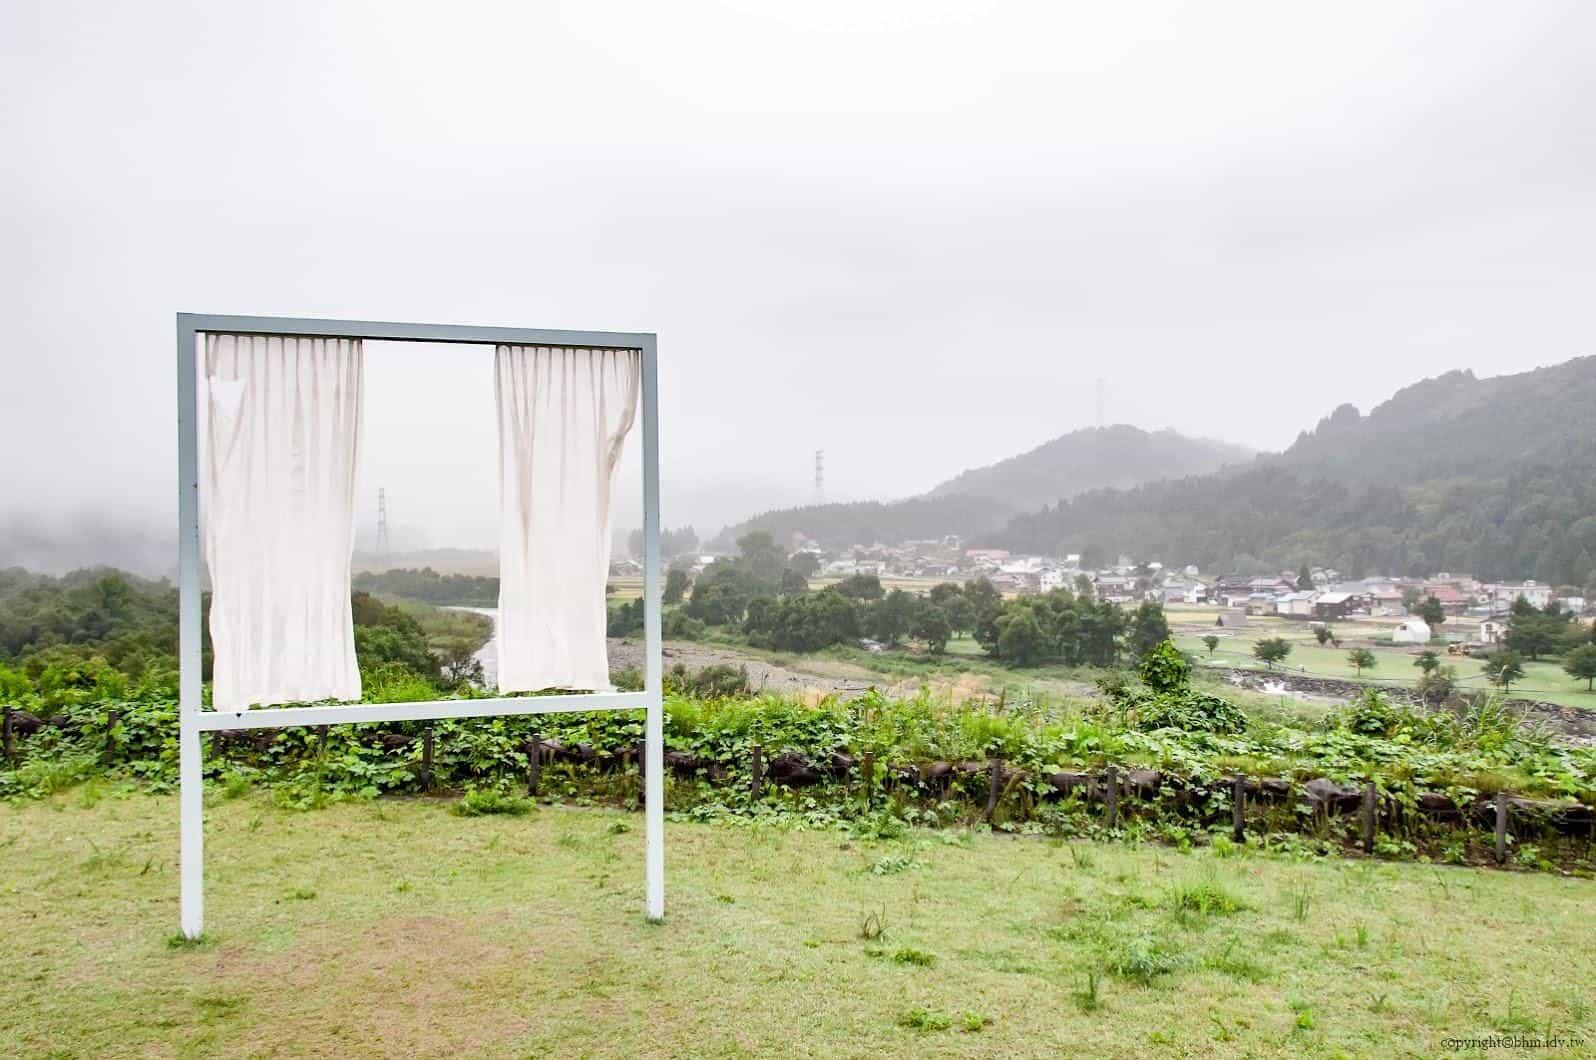 內海昭子,為了無數失去之窗,透過窗框產生了裁減的風景,如同透過房間窗戶望出去的風景一樣美麗,且只屬於自己的風景 藝術融於入環境 藝術融於入環境 for lots of lost windows 03